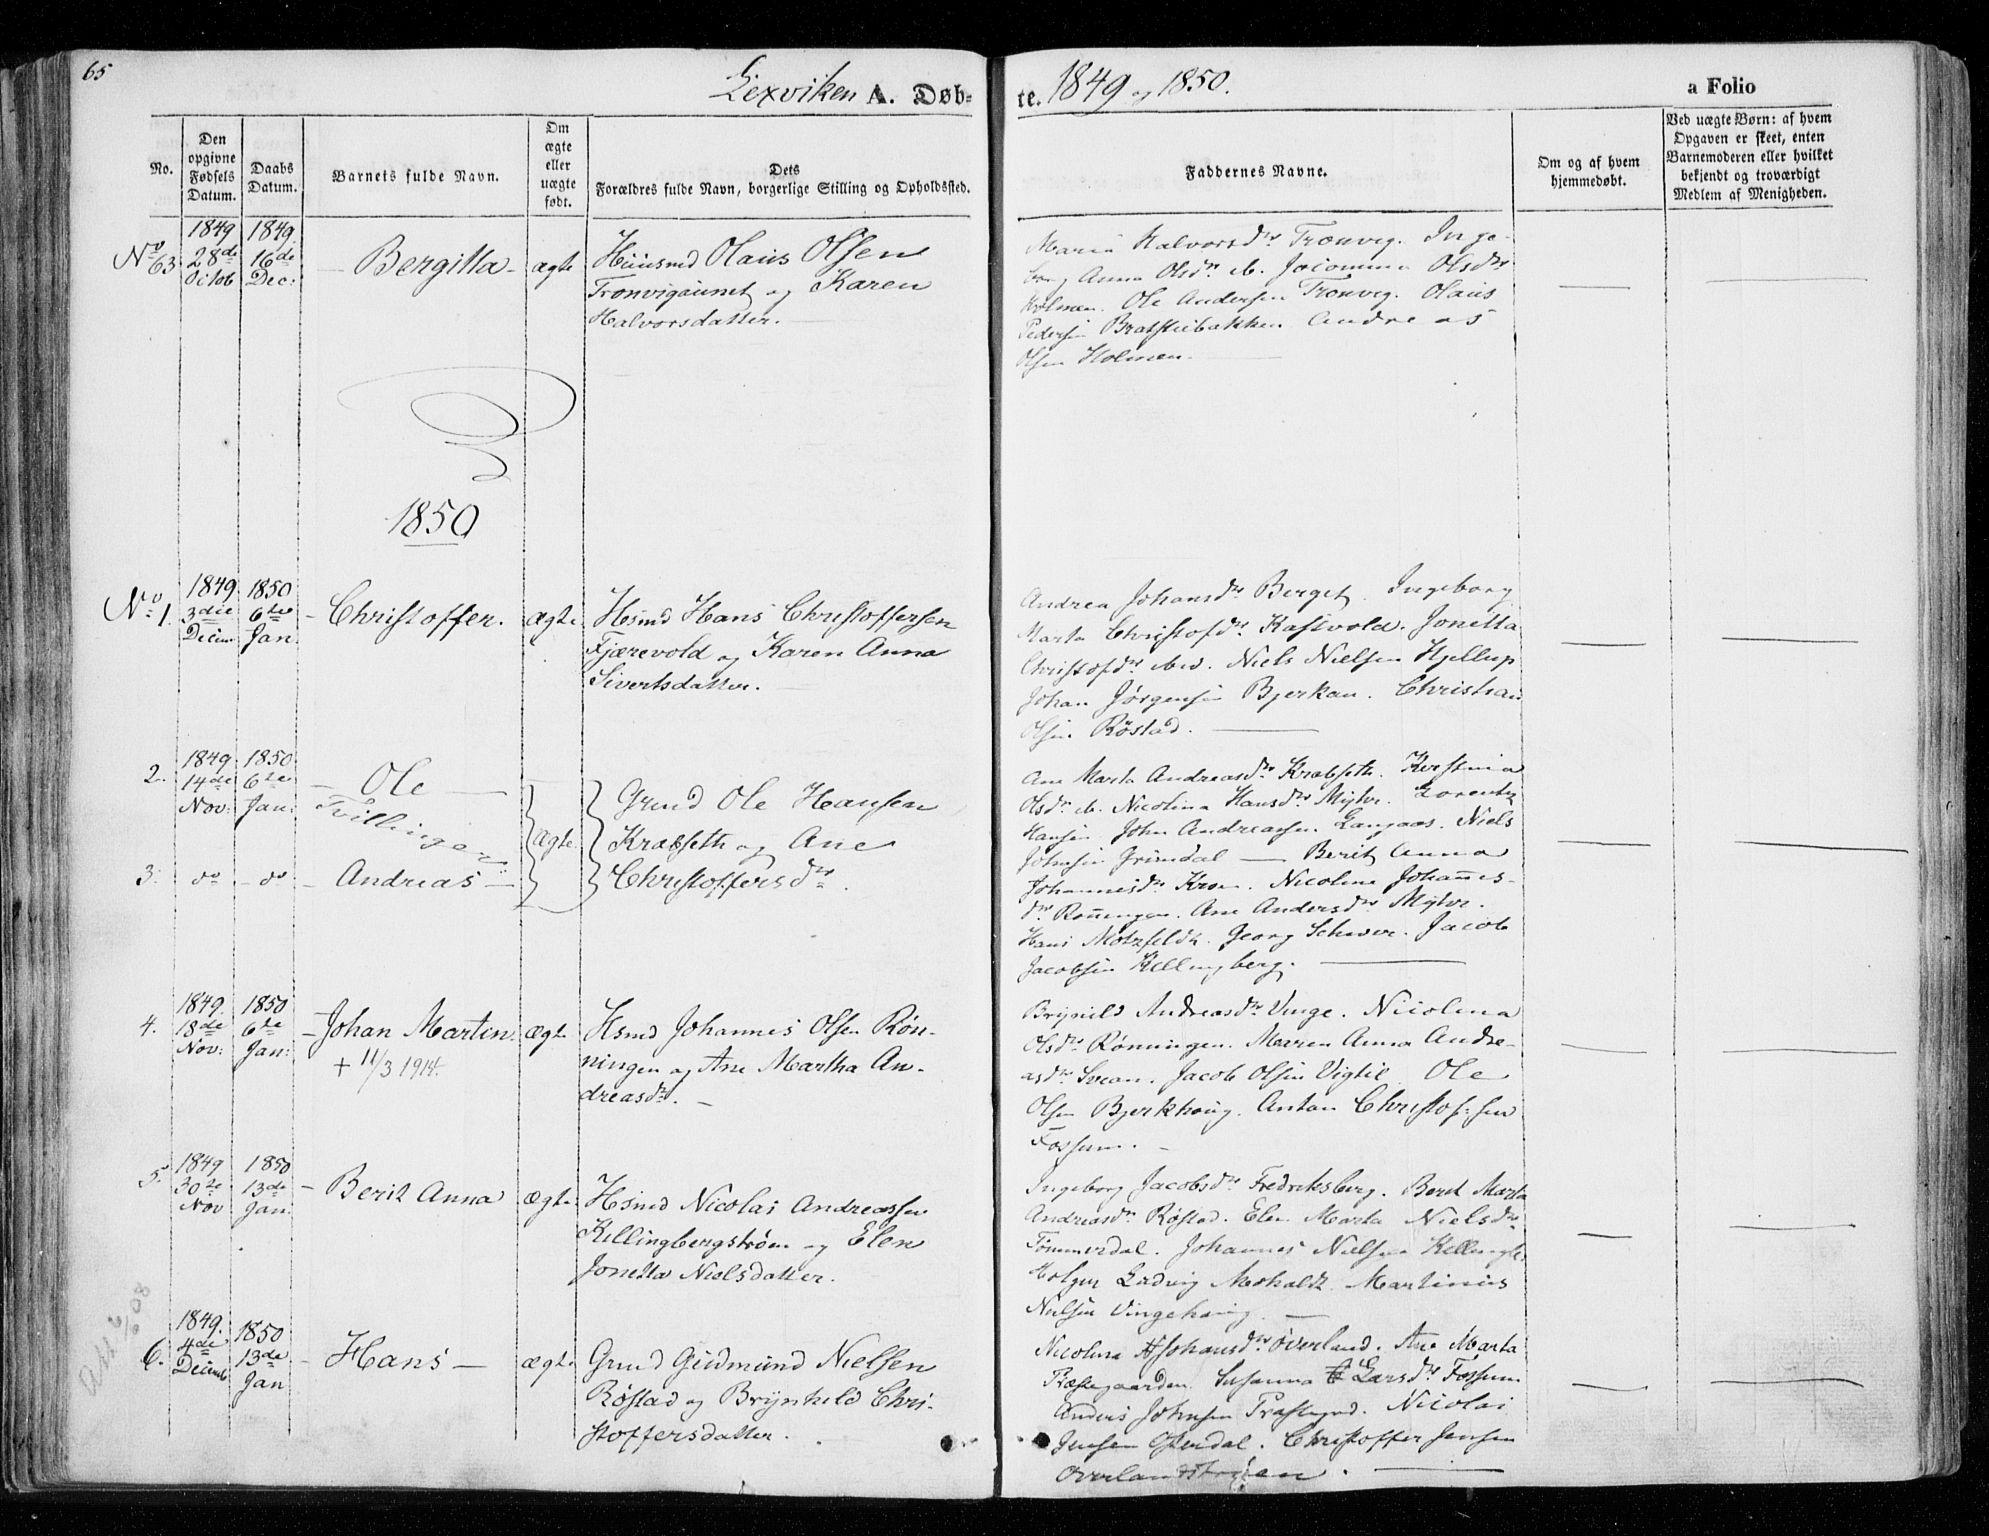 SAT, Ministerialprotokoller, klokkerbøker og fødselsregistre - Nord-Trøndelag, 701/L0007: Ministerialbok nr. 701A07 /1, 1842-1854, s. 65